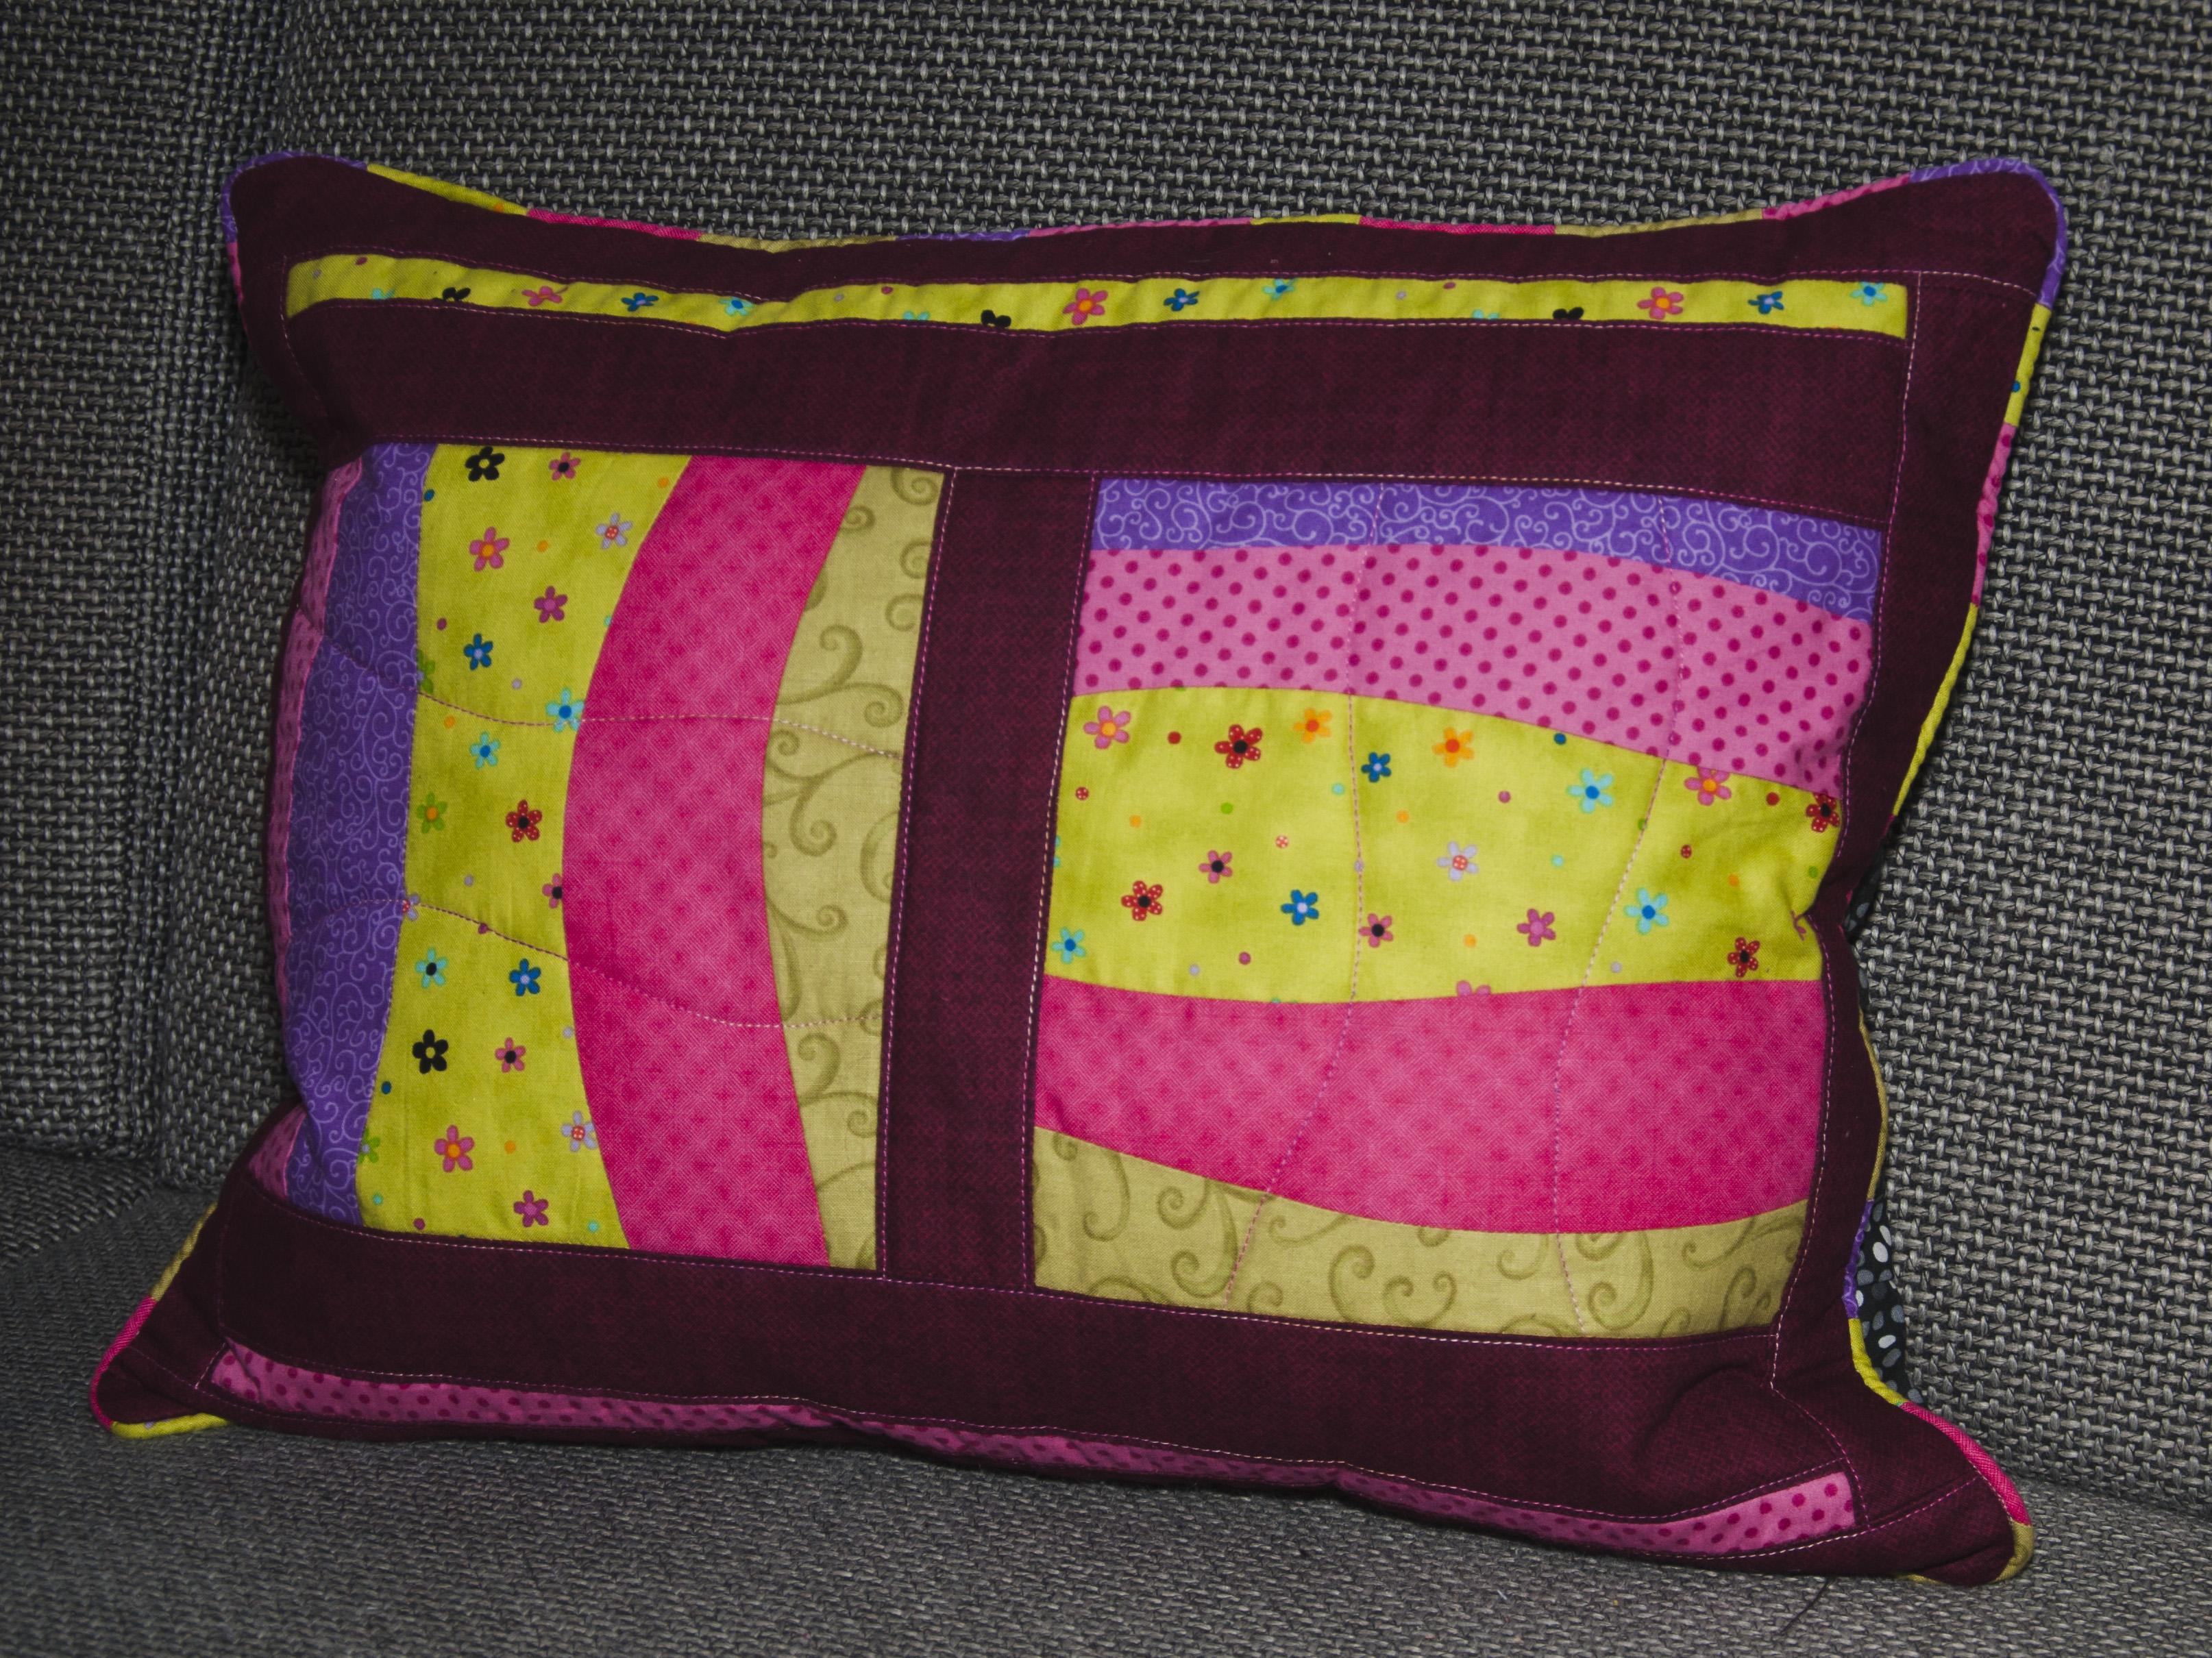 ein kissen zur decke f r meine oma sewing elch. Black Bedroom Furniture Sets. Home Design Ideas